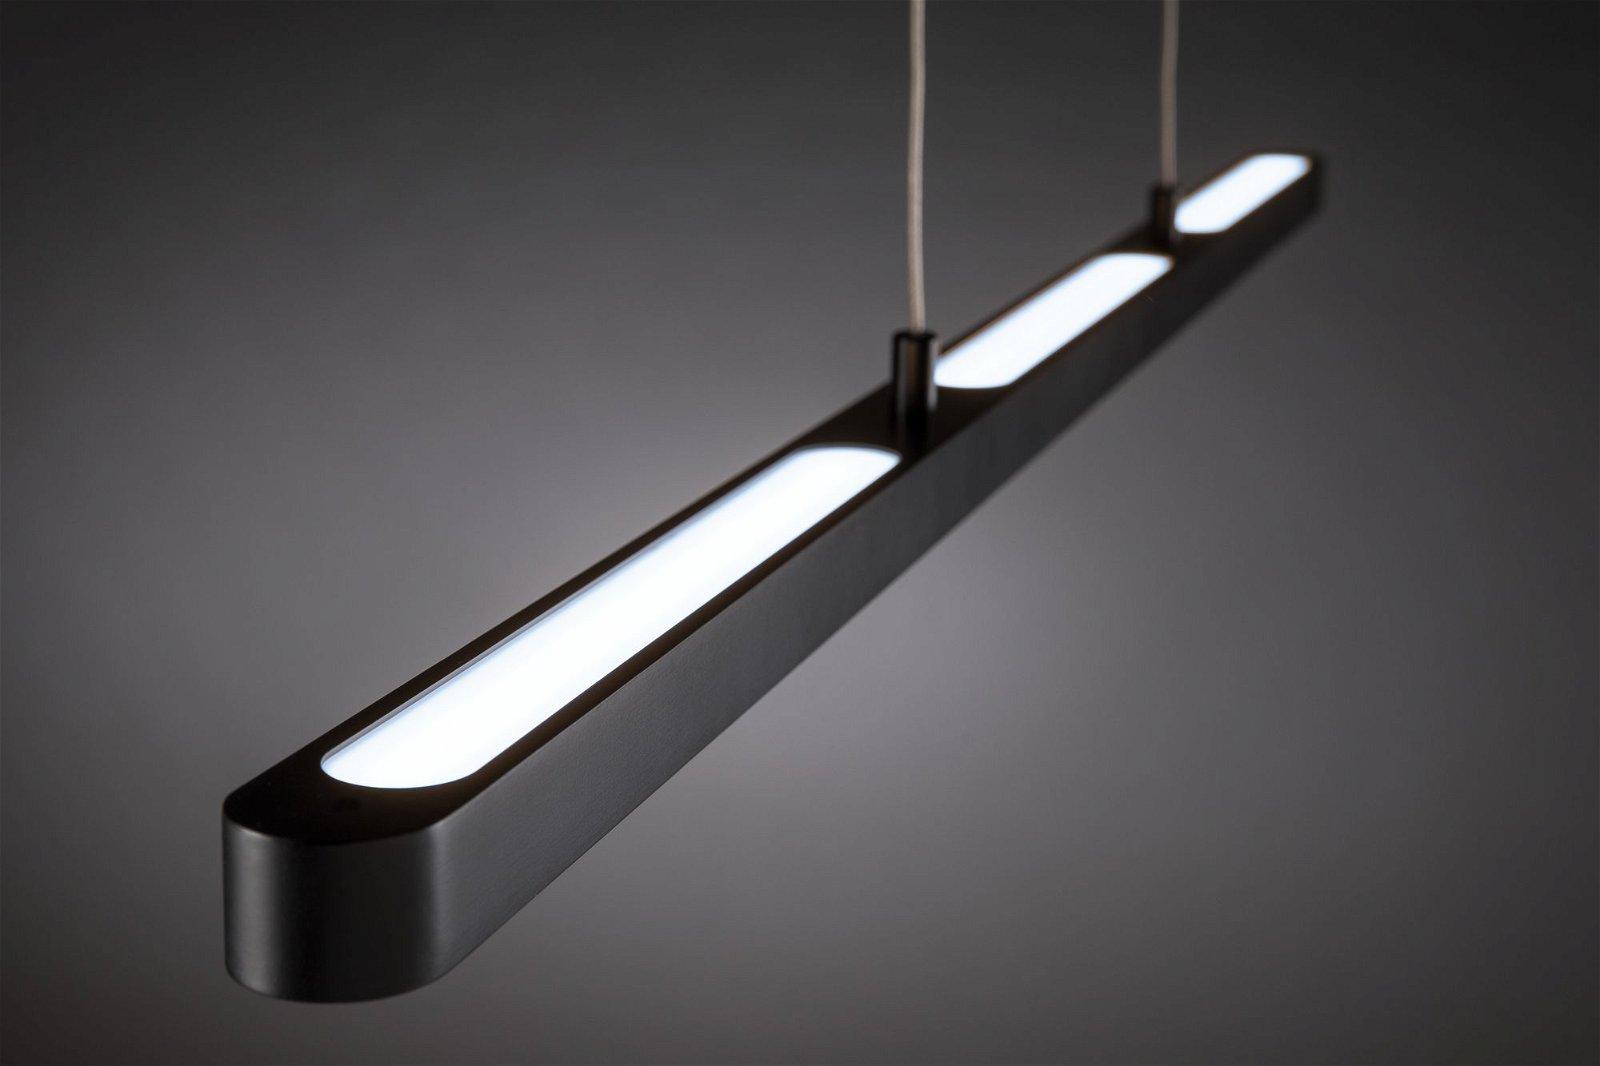 LED Pendelleuchte Lento Tunable White 3570lm 43W Schwarz